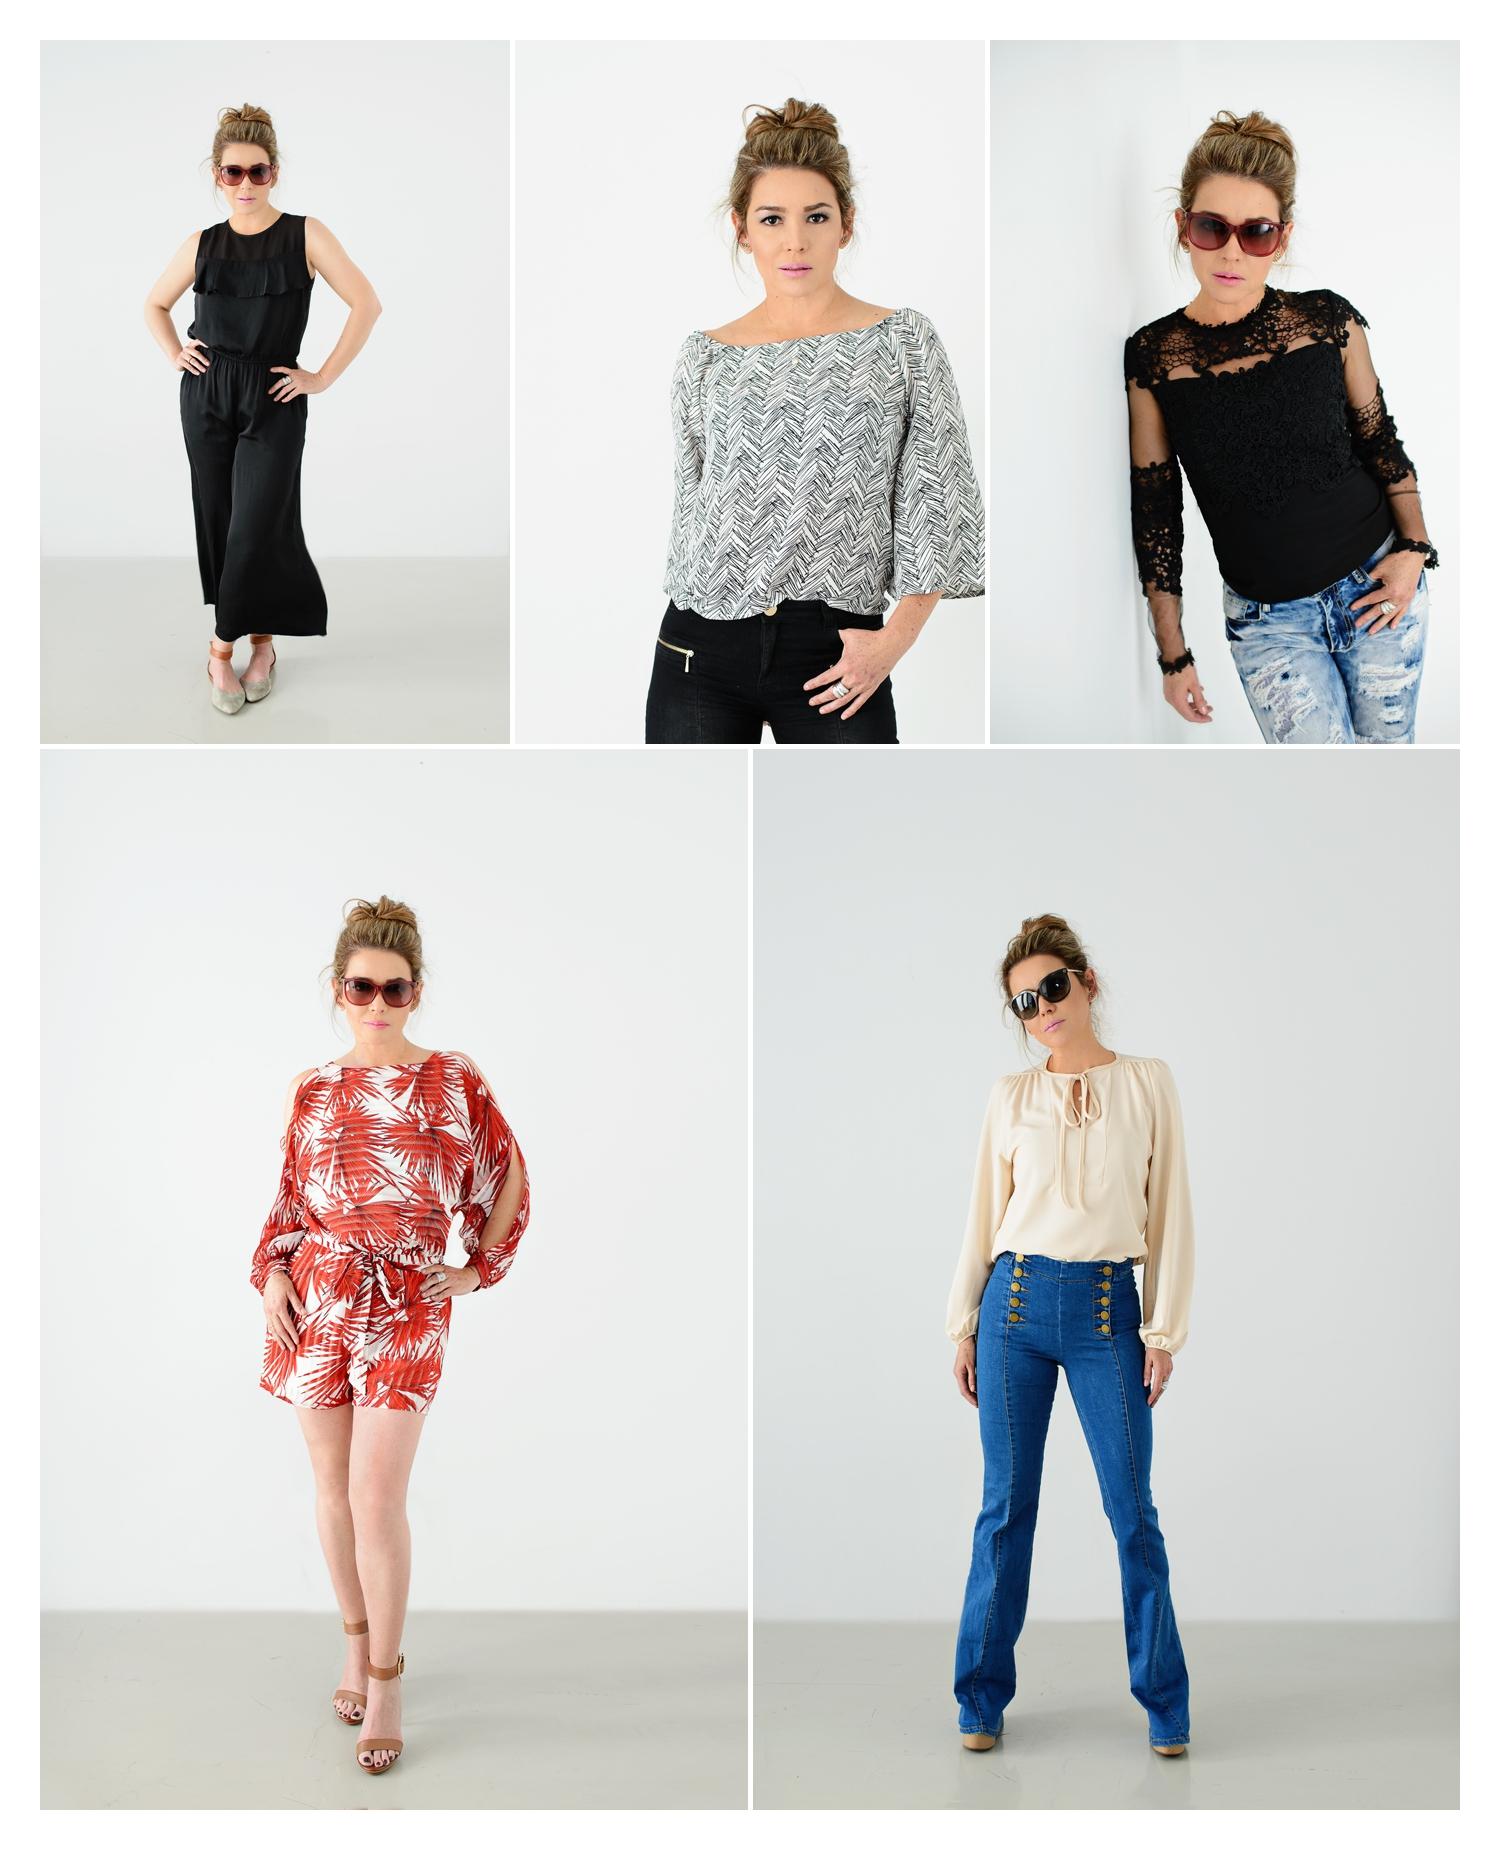 T  uve el gusto de poder colaborar con   Sttiletos   boutique para mostrar sus prendas.